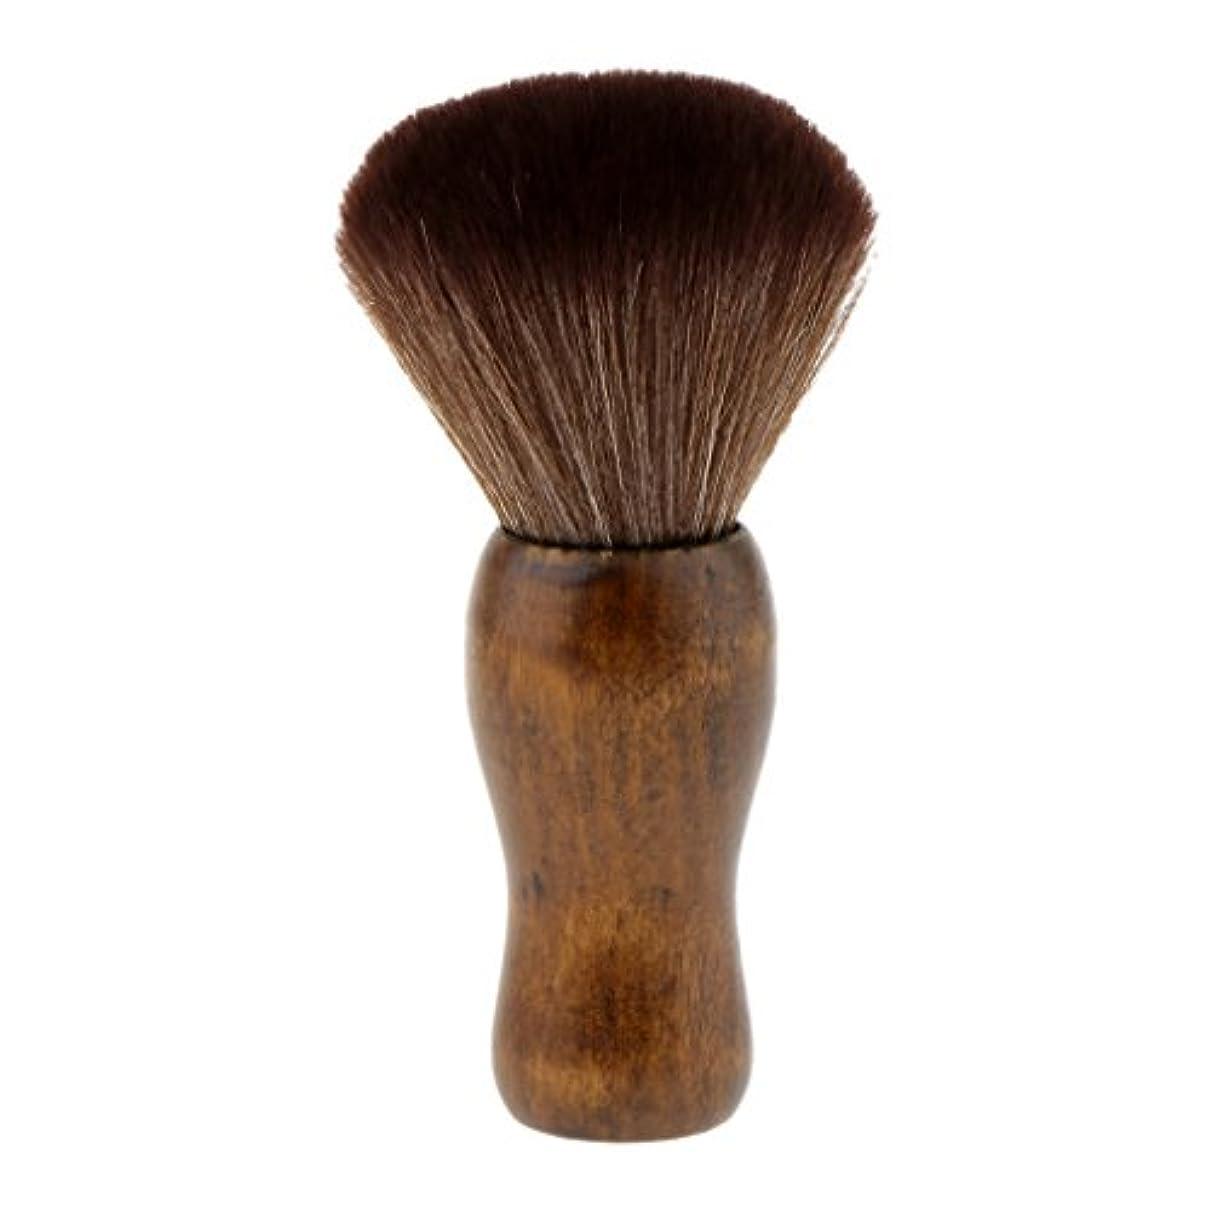 正確さ壊れた鏡シェービングブラシ シェービング 洗顔 ブラシ メイクブラシ ソフト 快適 シェービングツール 2色選べる - 褐色